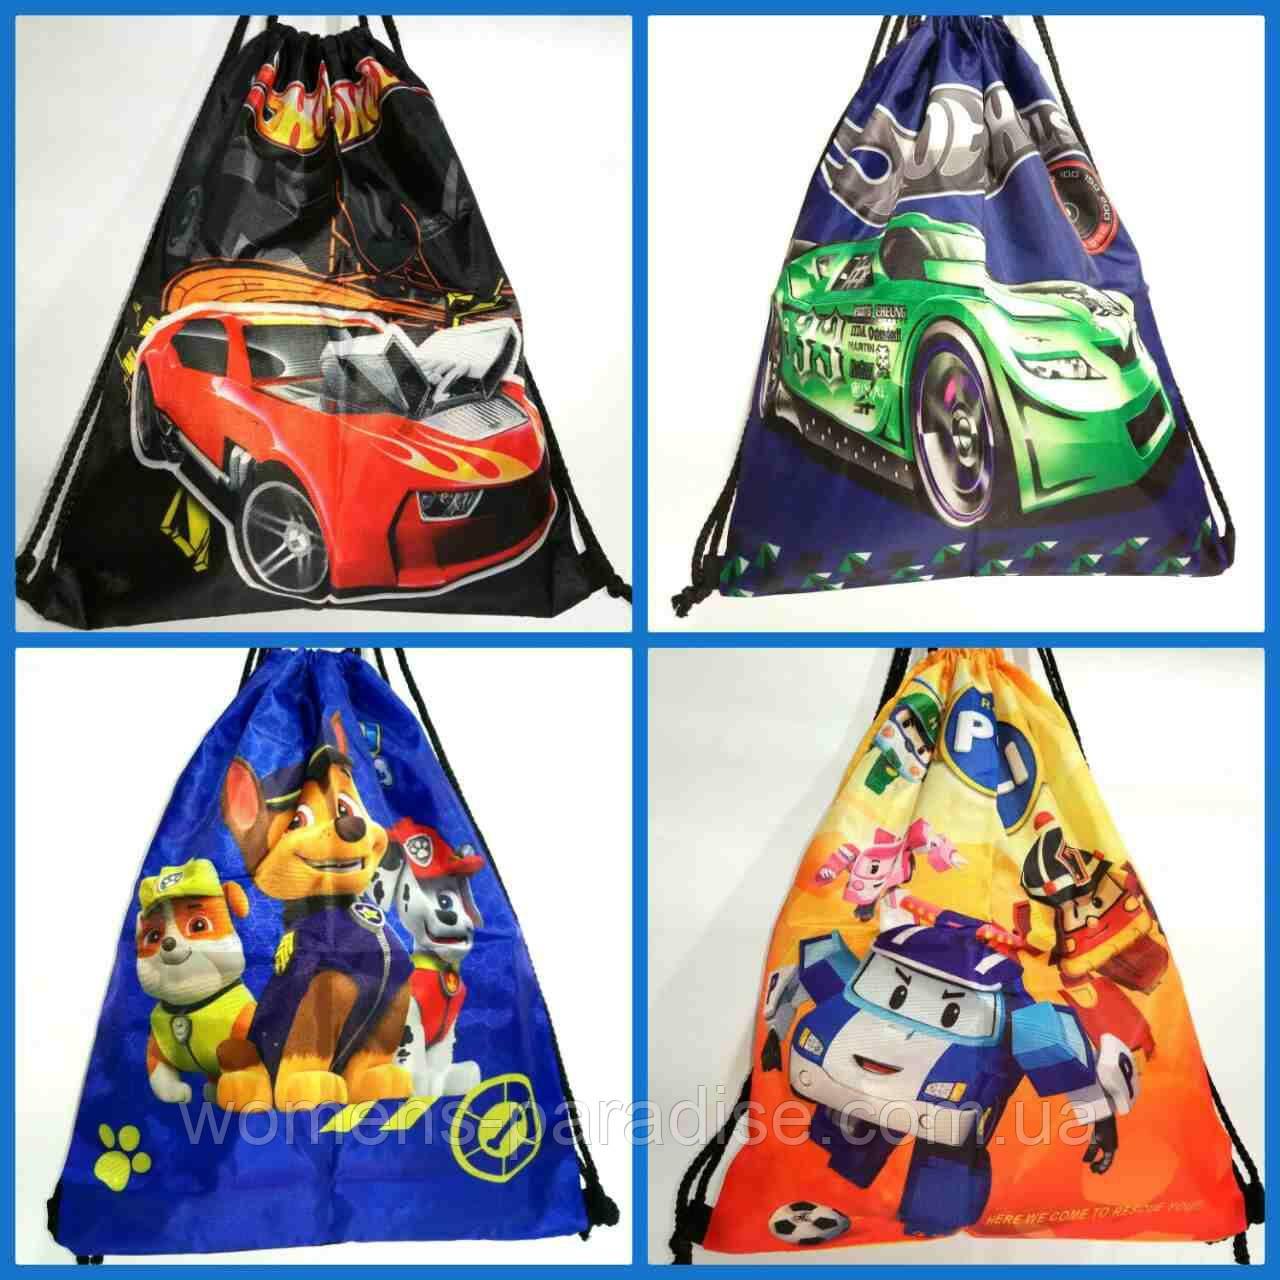 Рюкзак мешок сумка  для сменной обуви для мальчика  - Женский рай в Харькове